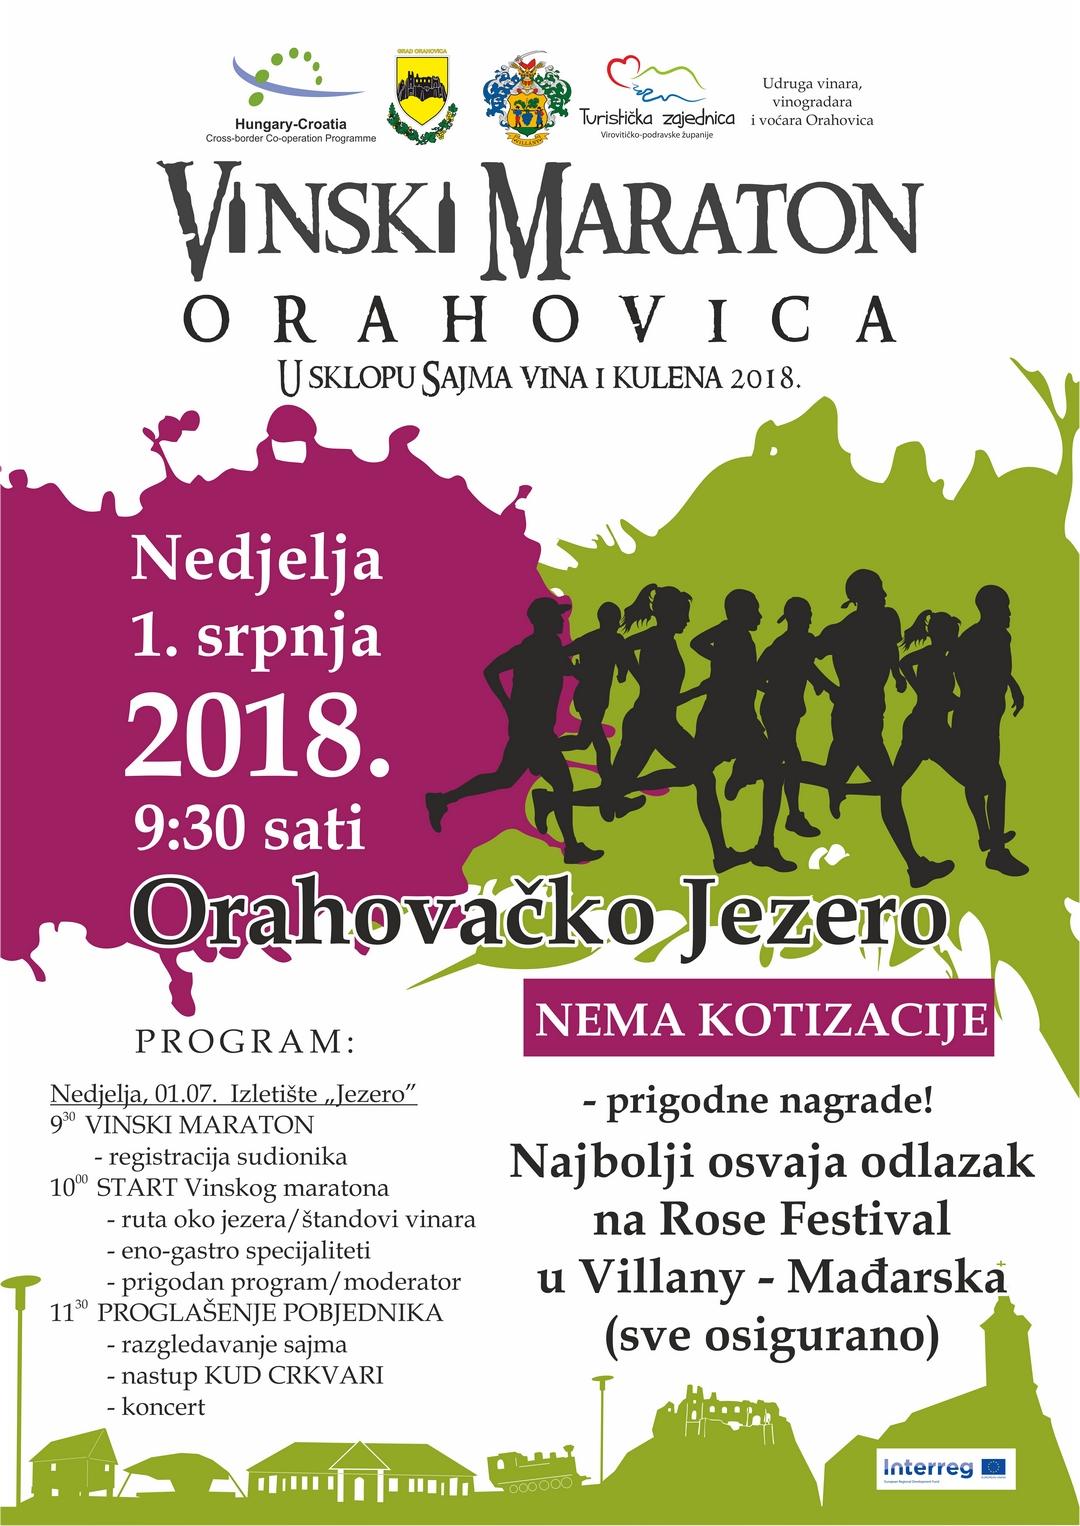 SVIK 2018 Maraton